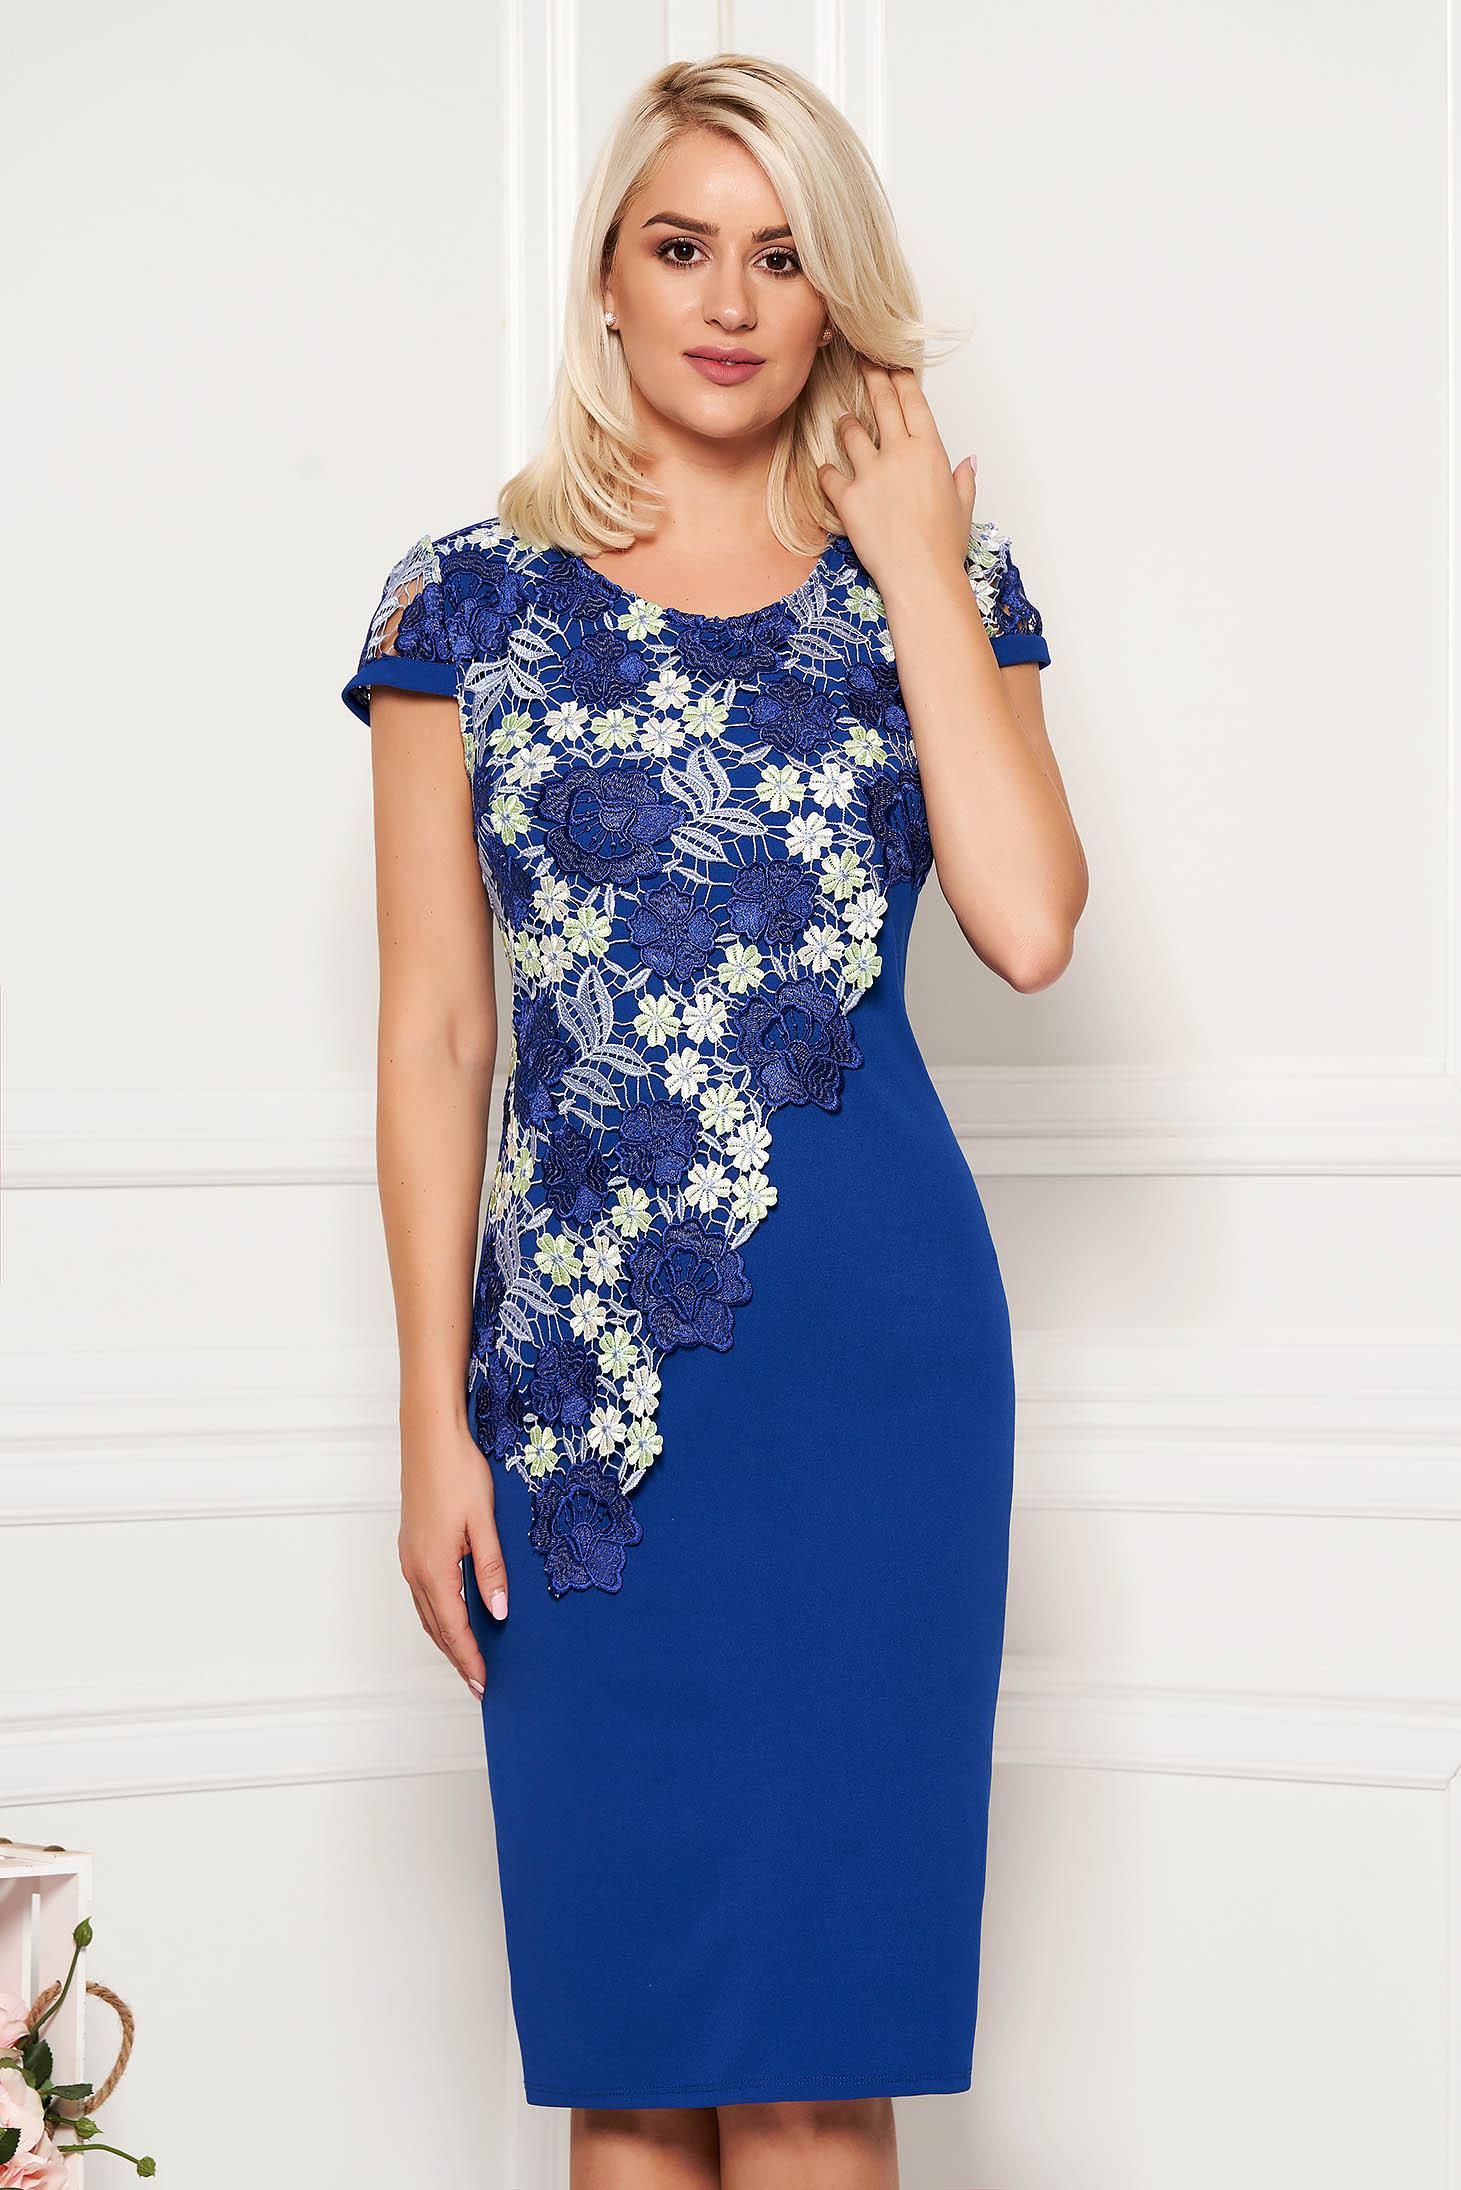 Rochie albastra eleganta din scuba cu un croi drept cu maneca scurta si suprapunere cu dantela